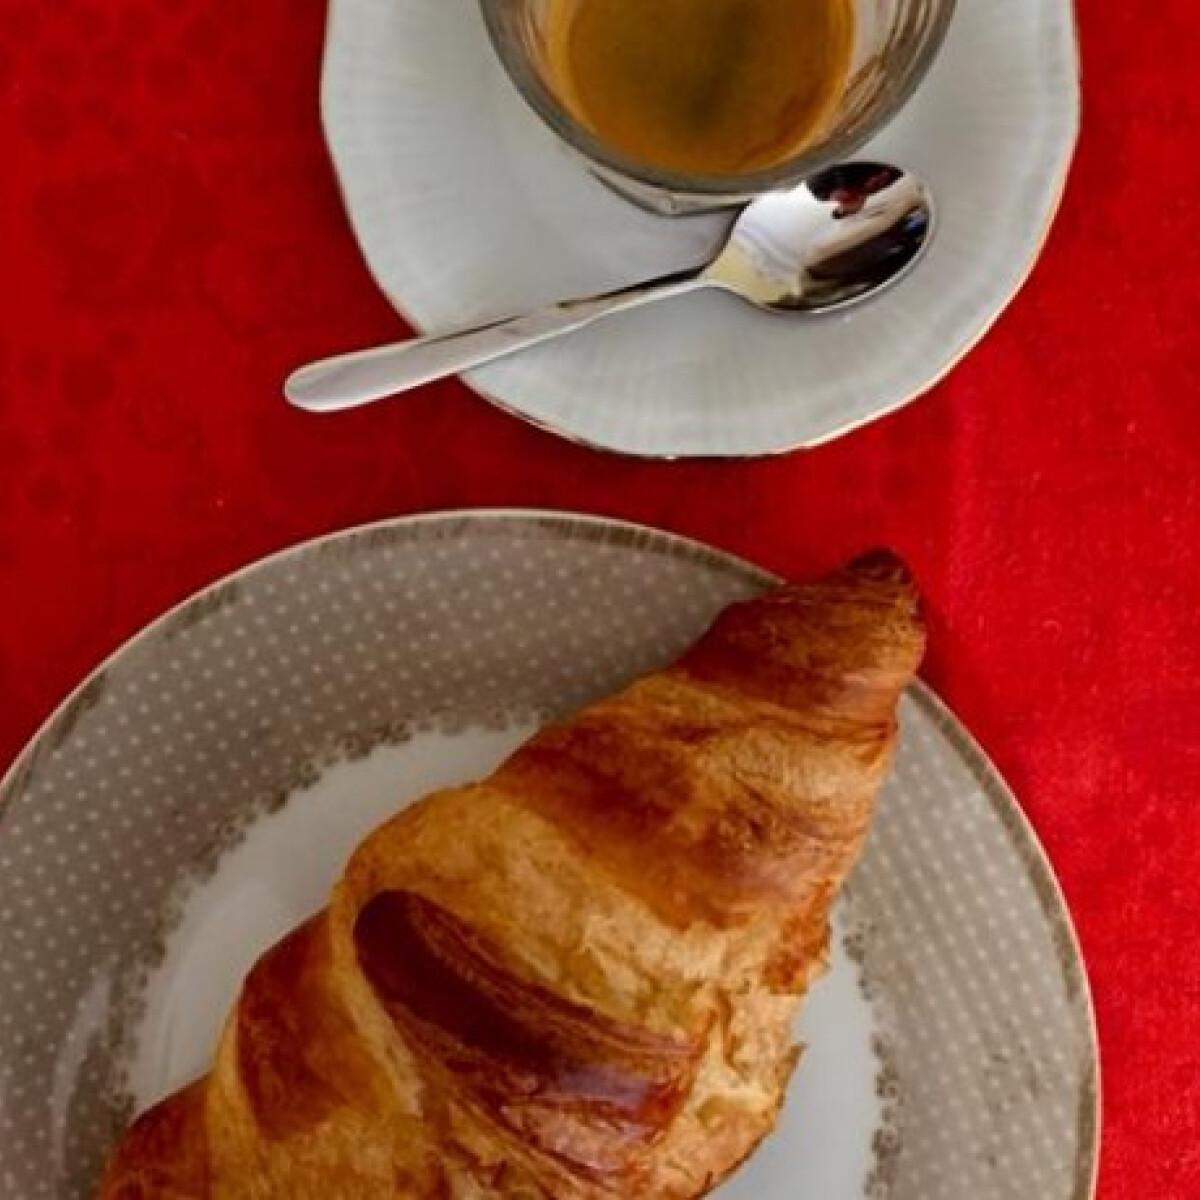 11 helyet teszteltünk, hogy megtudjuk, hol a legjobb a croissant és a kávé párosa